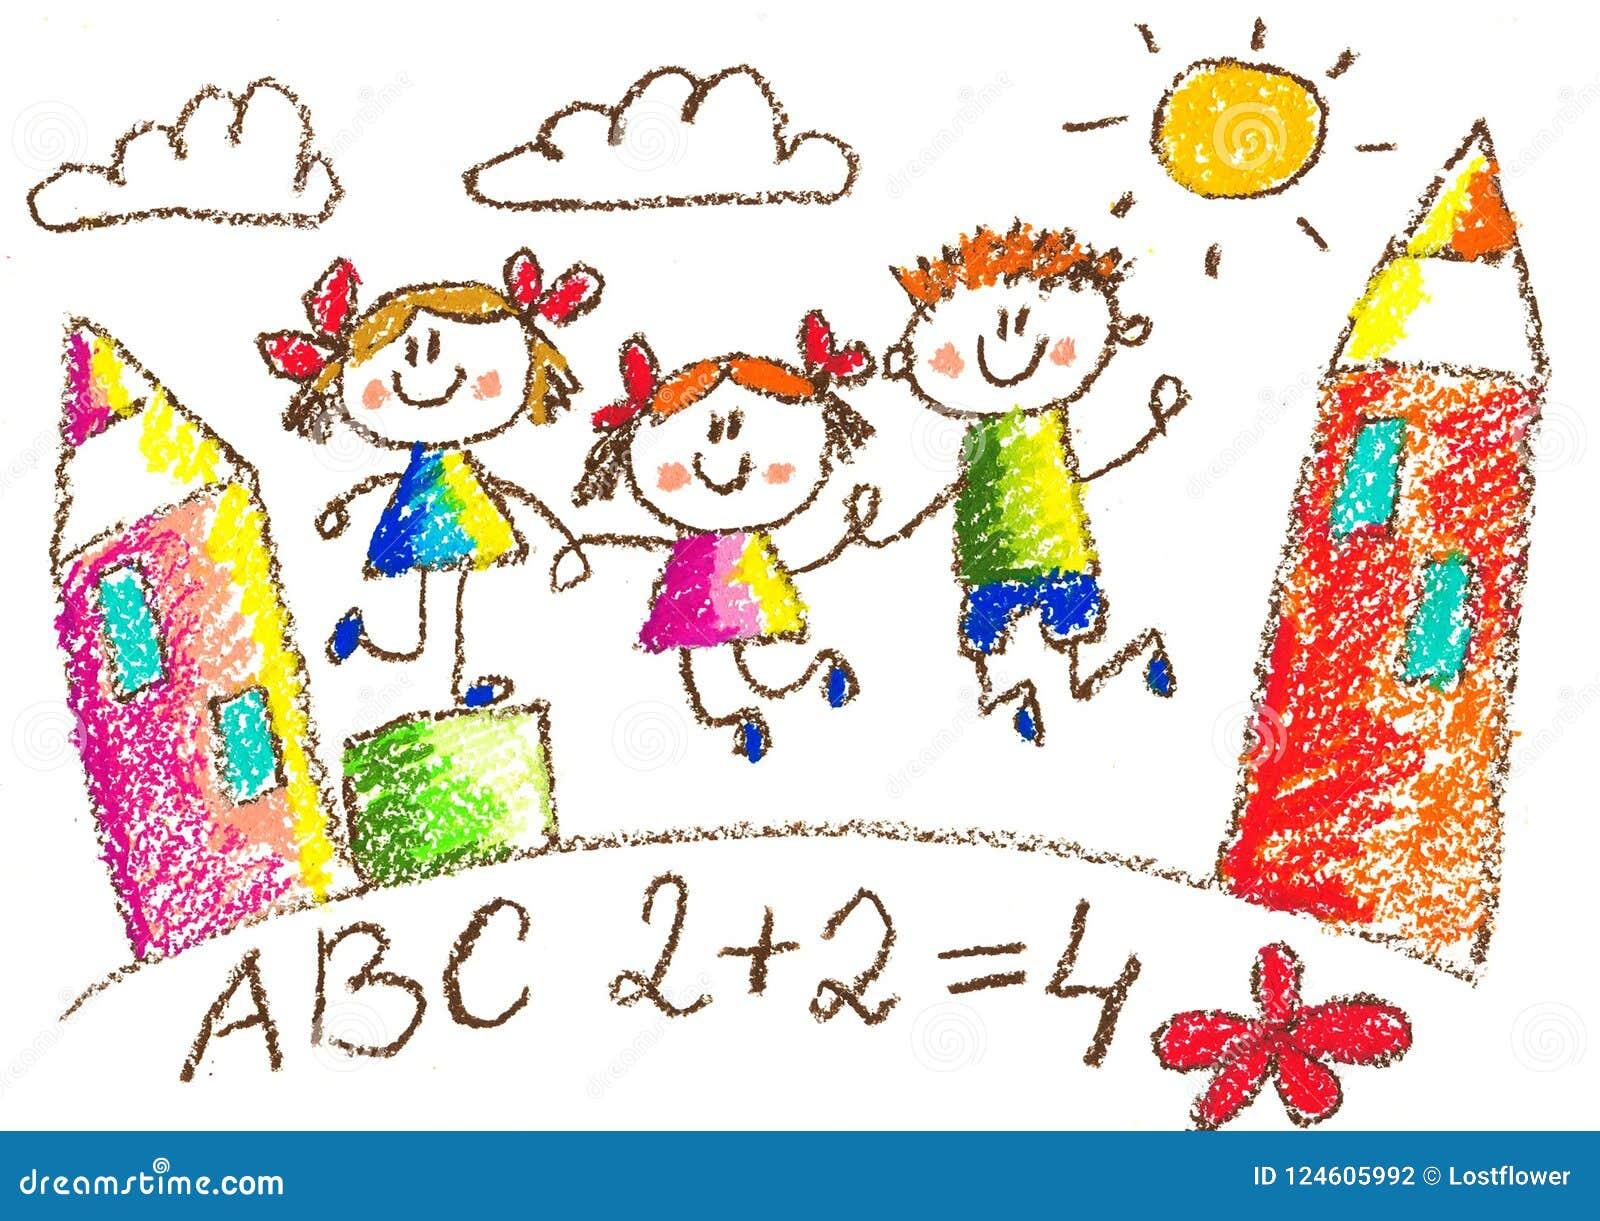 Dessin De Gosses Kindergarten Ecole Enfants Heureux A La Cour De Jeu Illustration De Crayon Illustration Stock Illustration Du Heureux Kindergarten 124605992